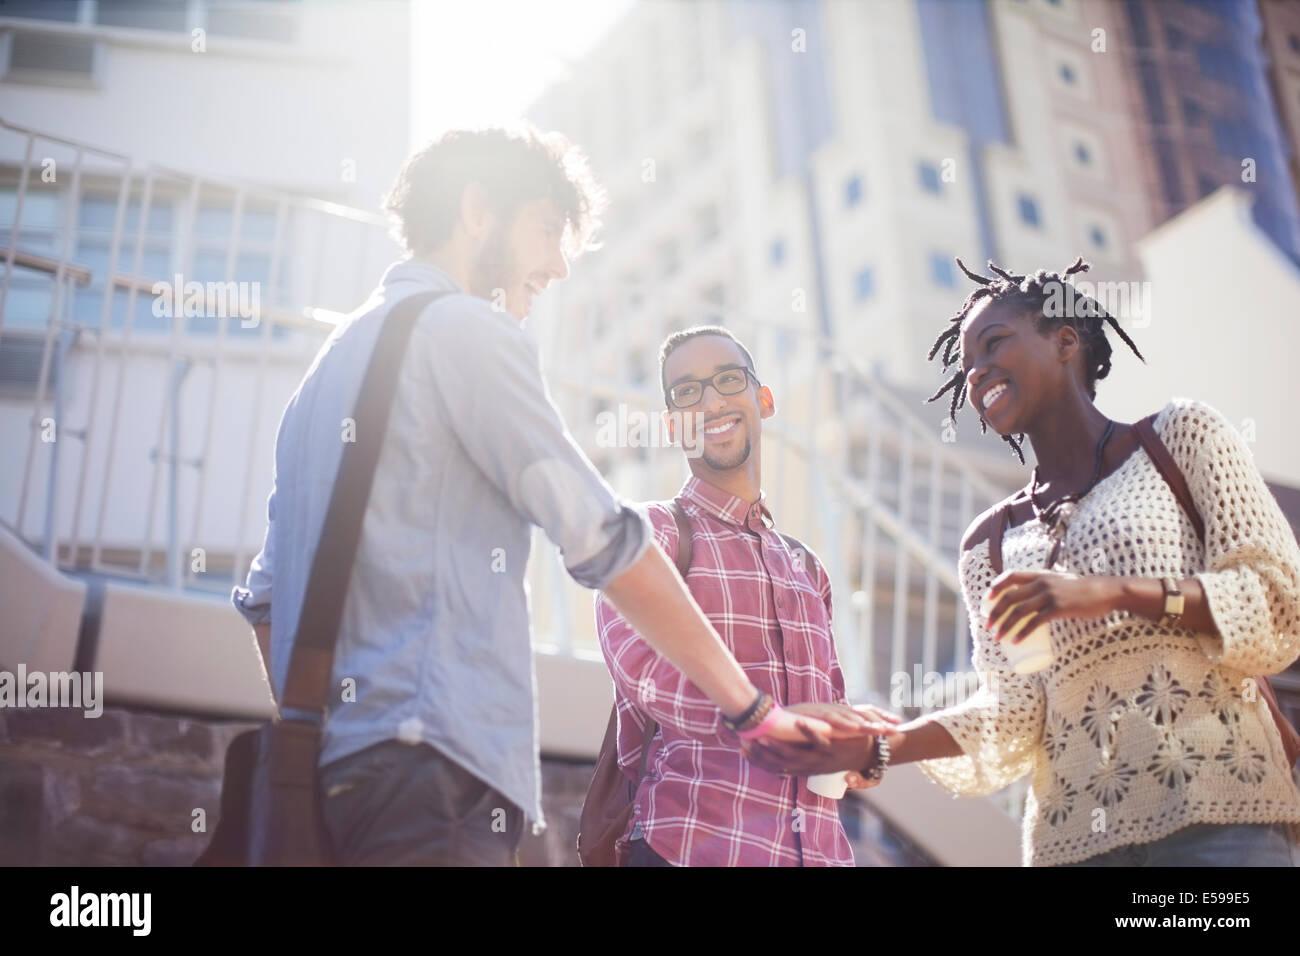 Menschen Sie Hände schütteln auf Stadtstraße Stockbild